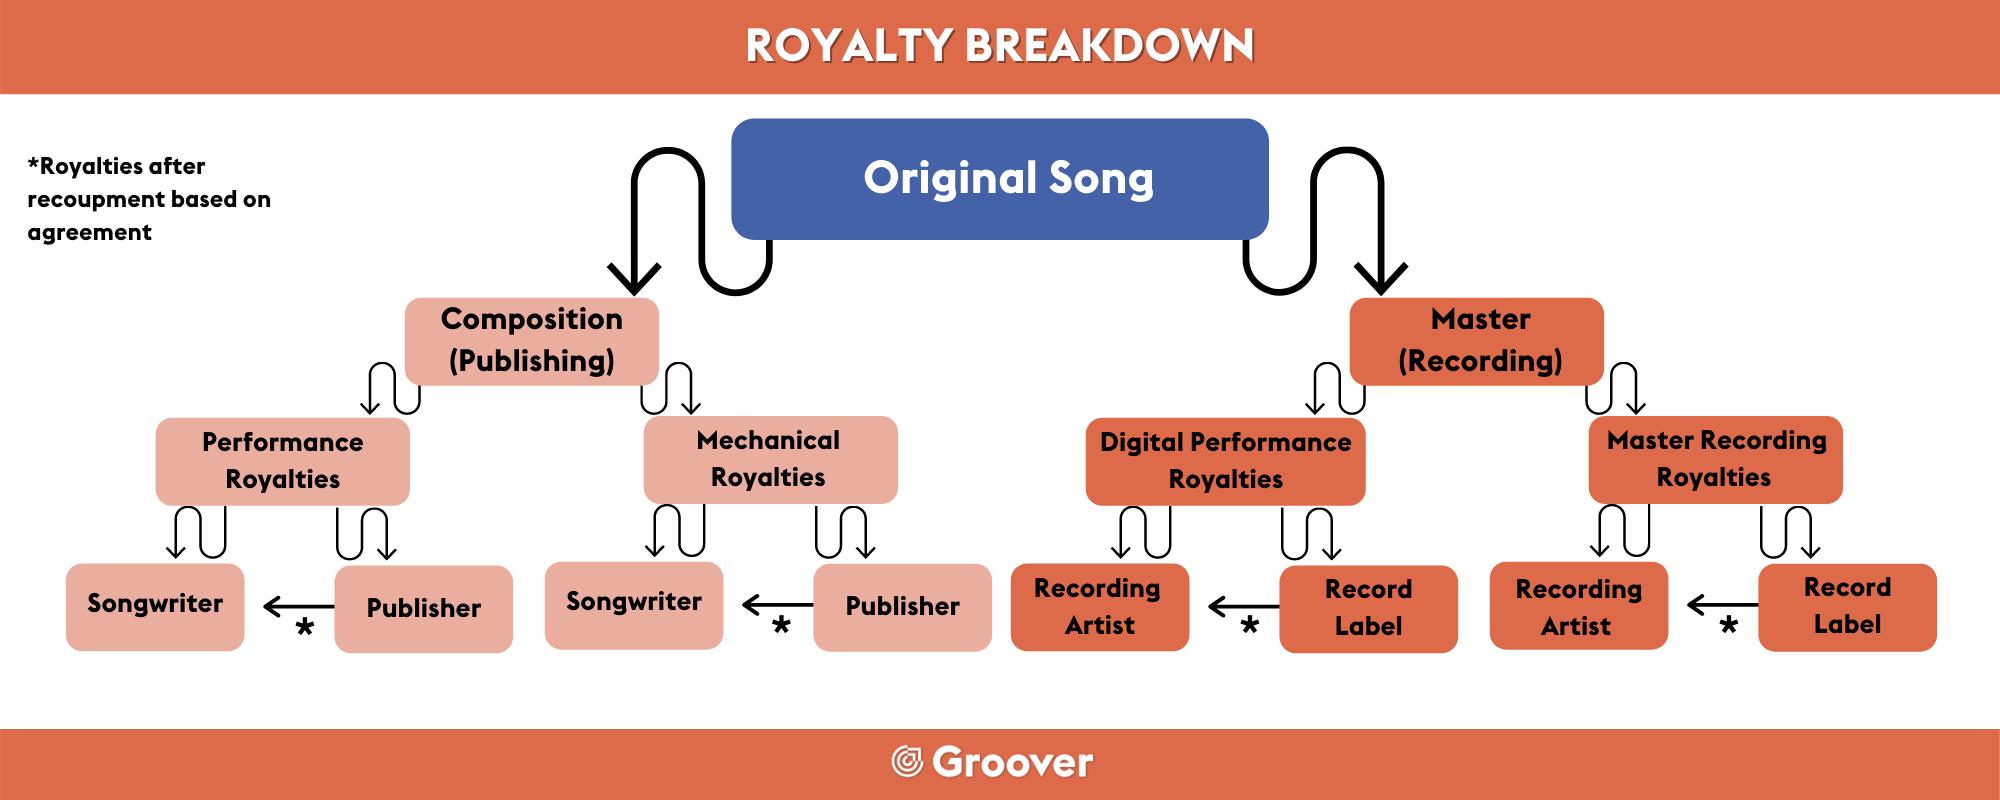 Royalty Breakdown